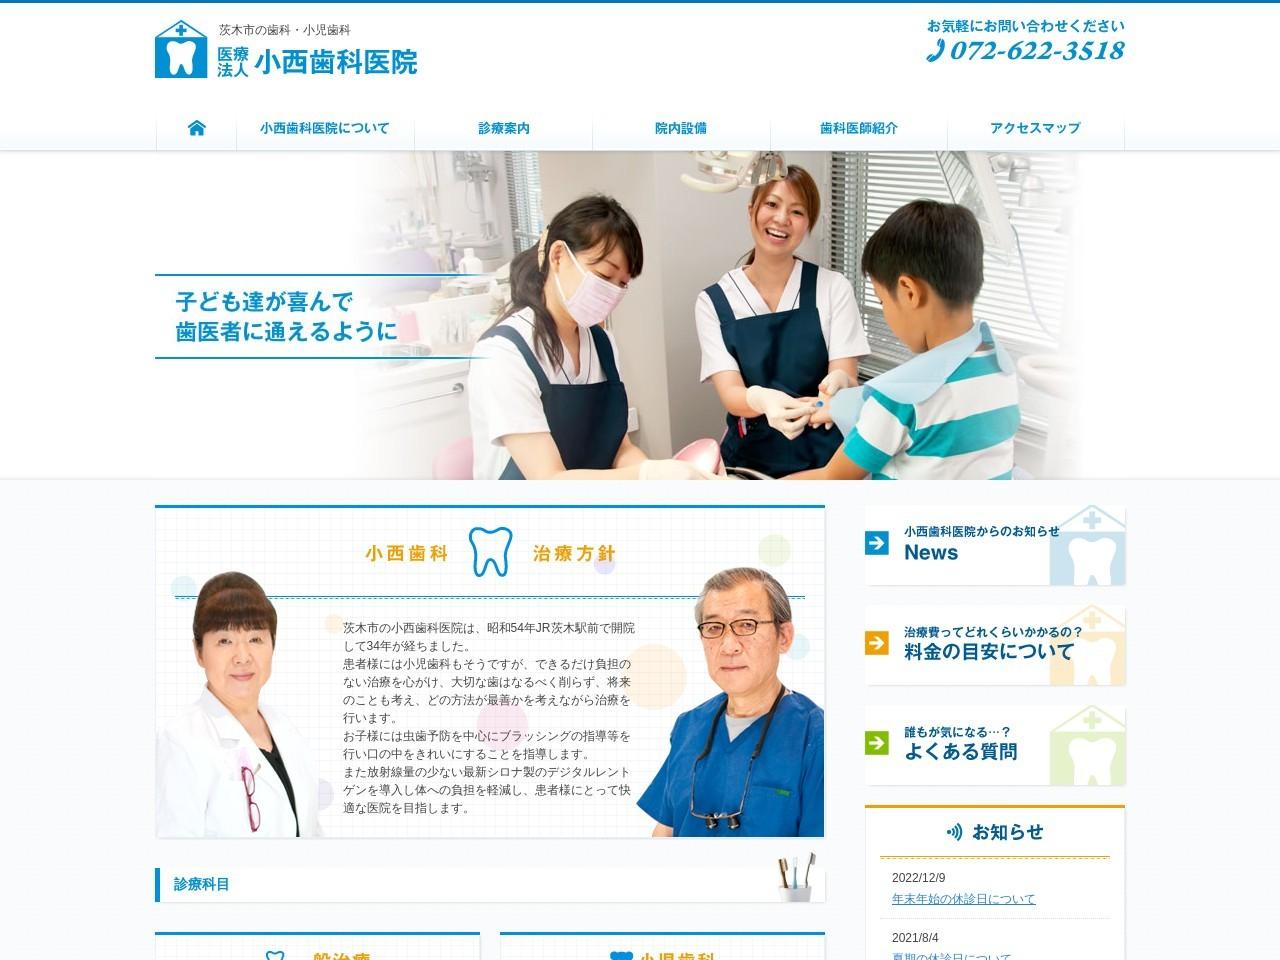 医療法人  小西歯科医院 (大阪府茨木市)